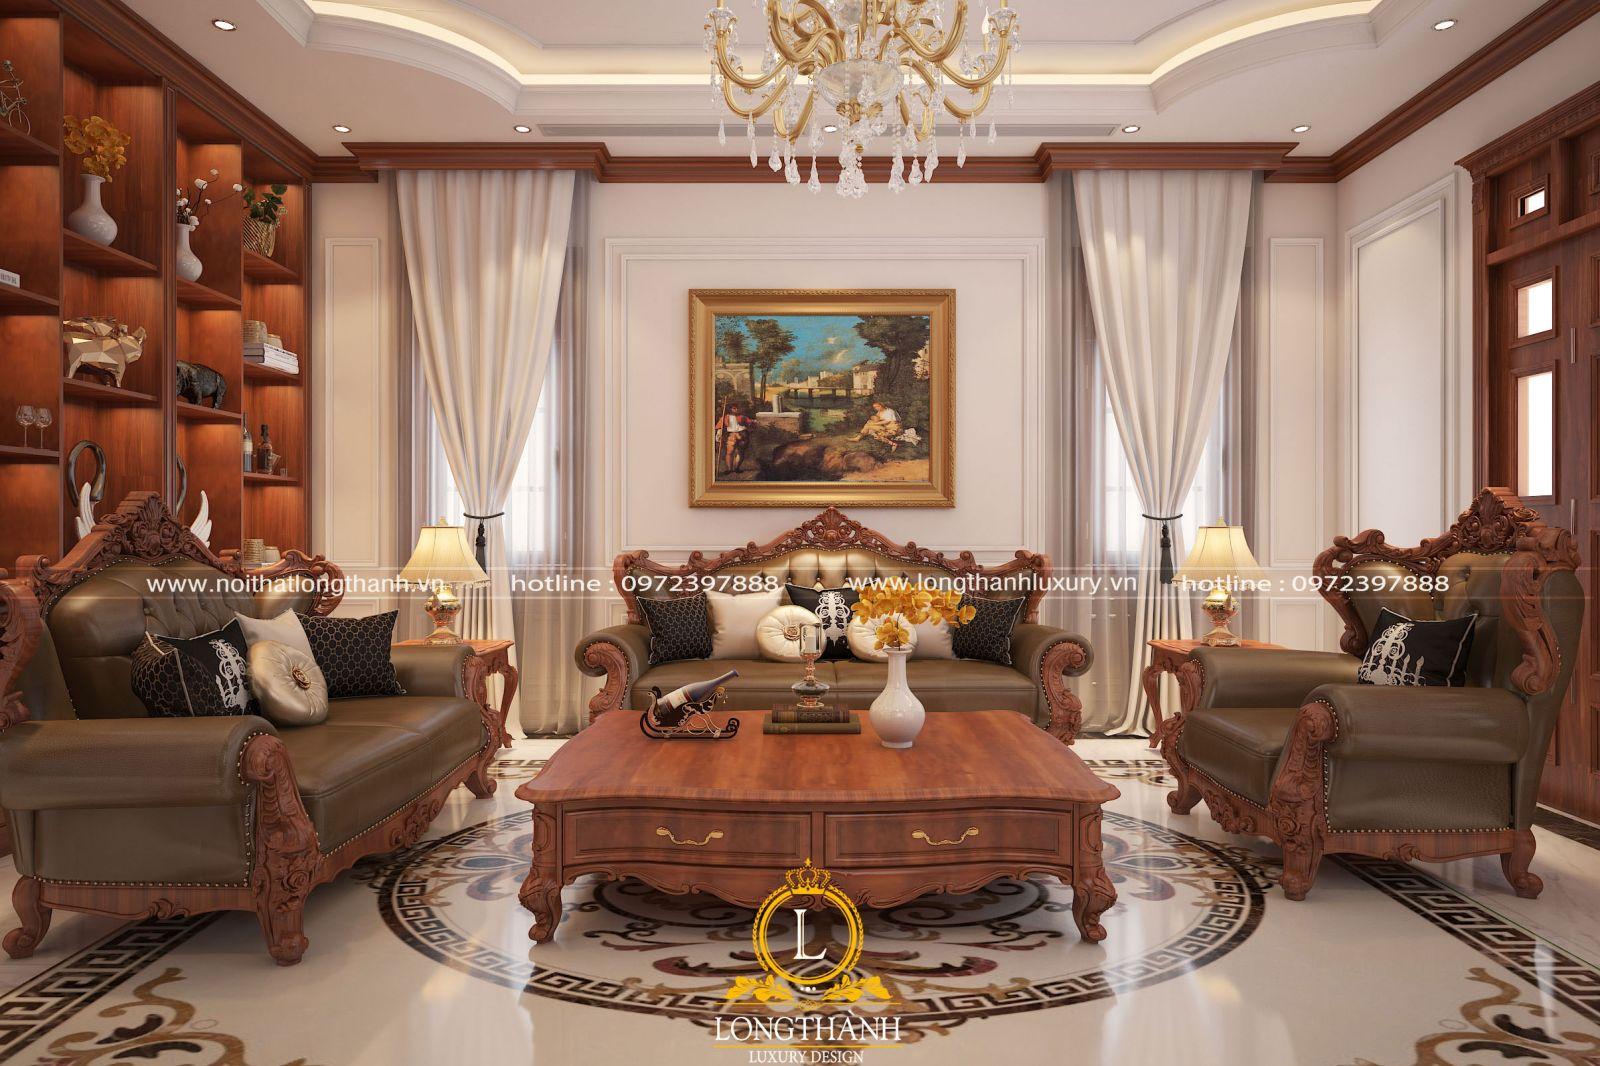 Phòng khách hiện đại sang trọng và tinh tế